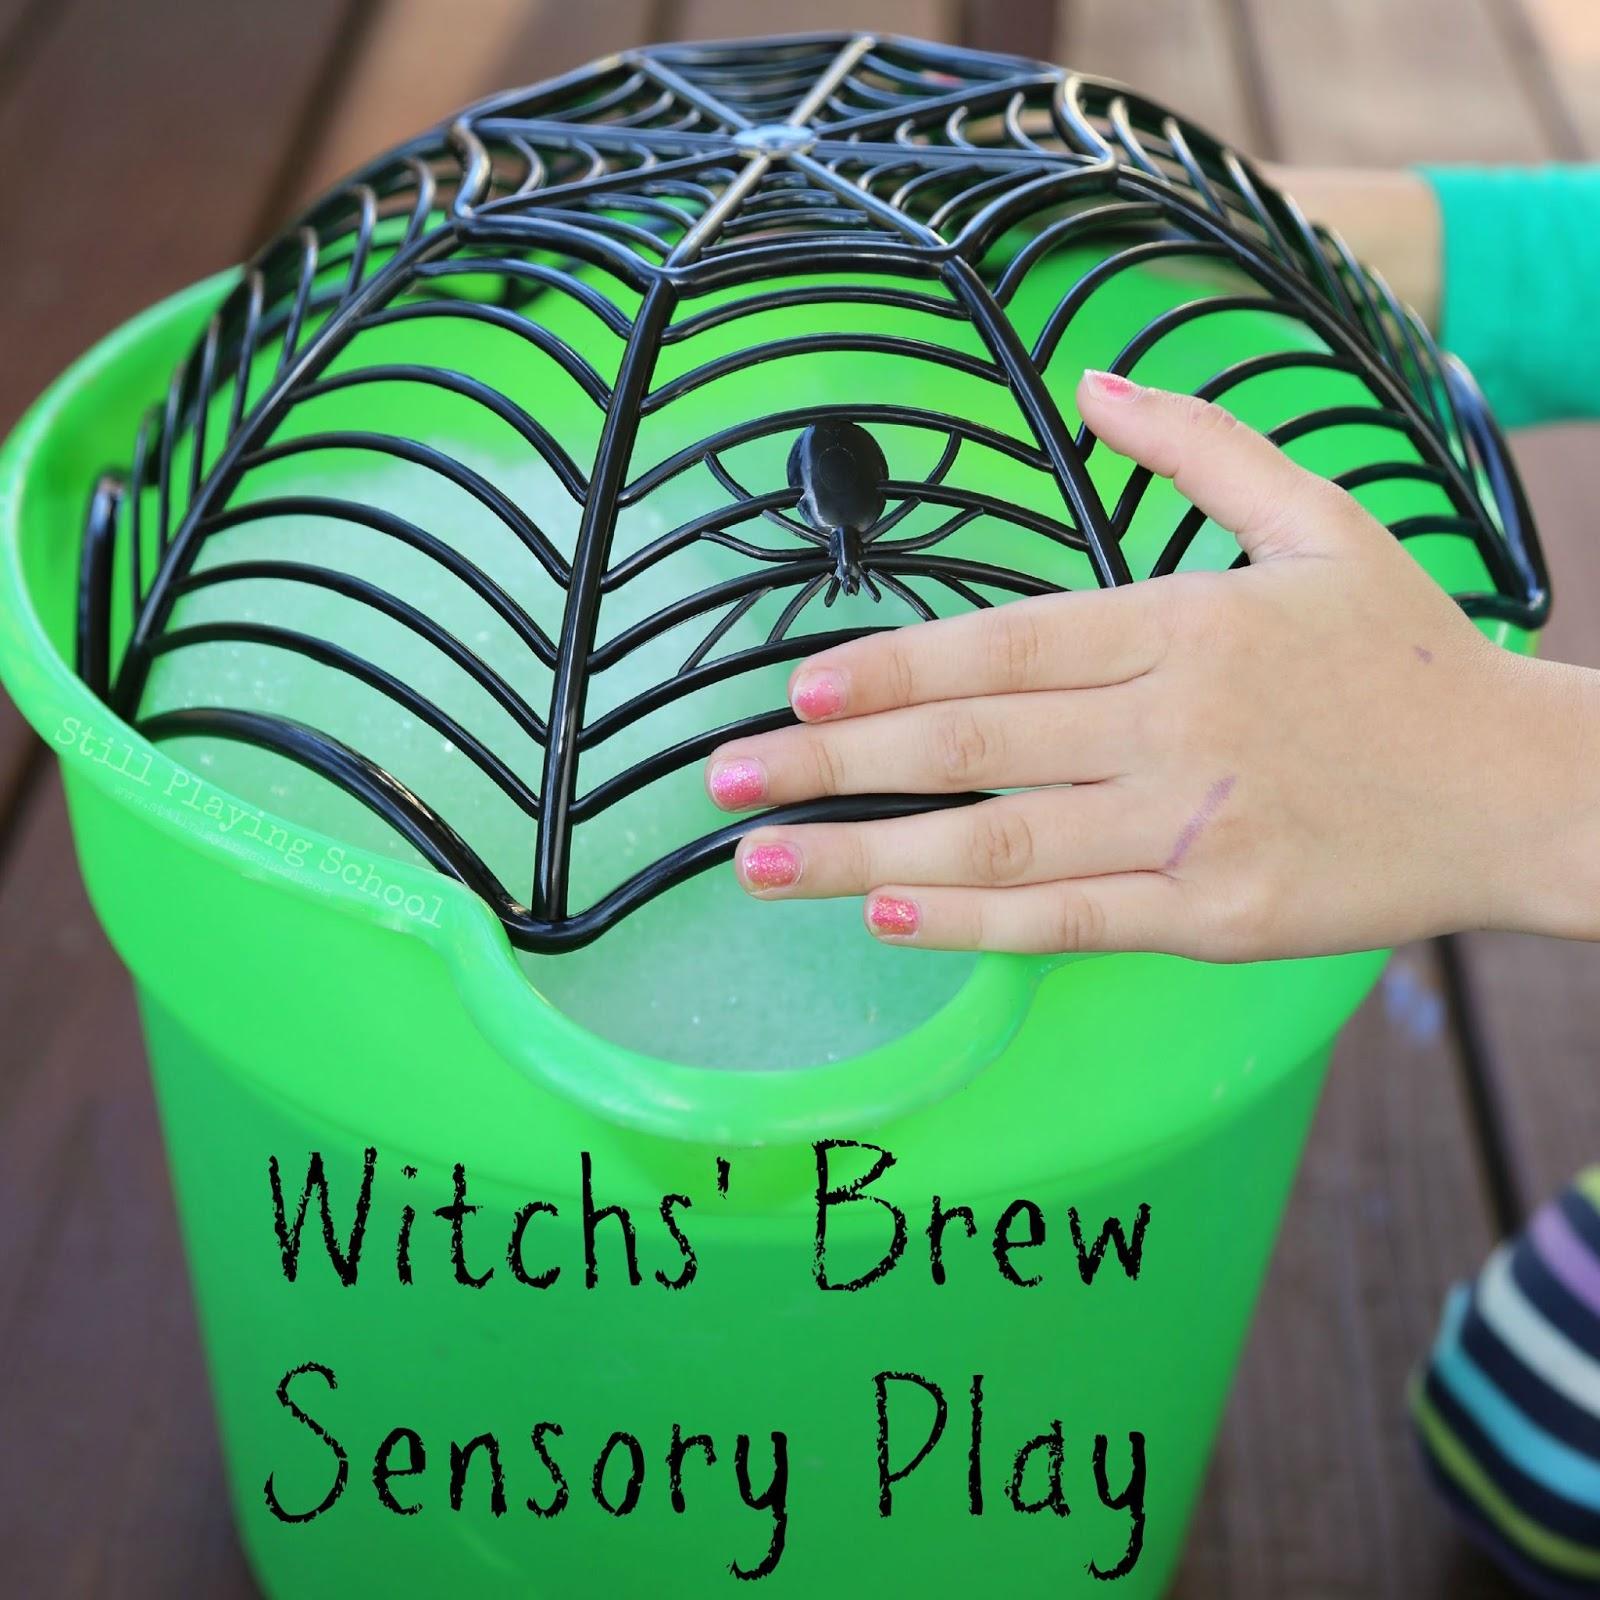 Witch Brew Sensory Play